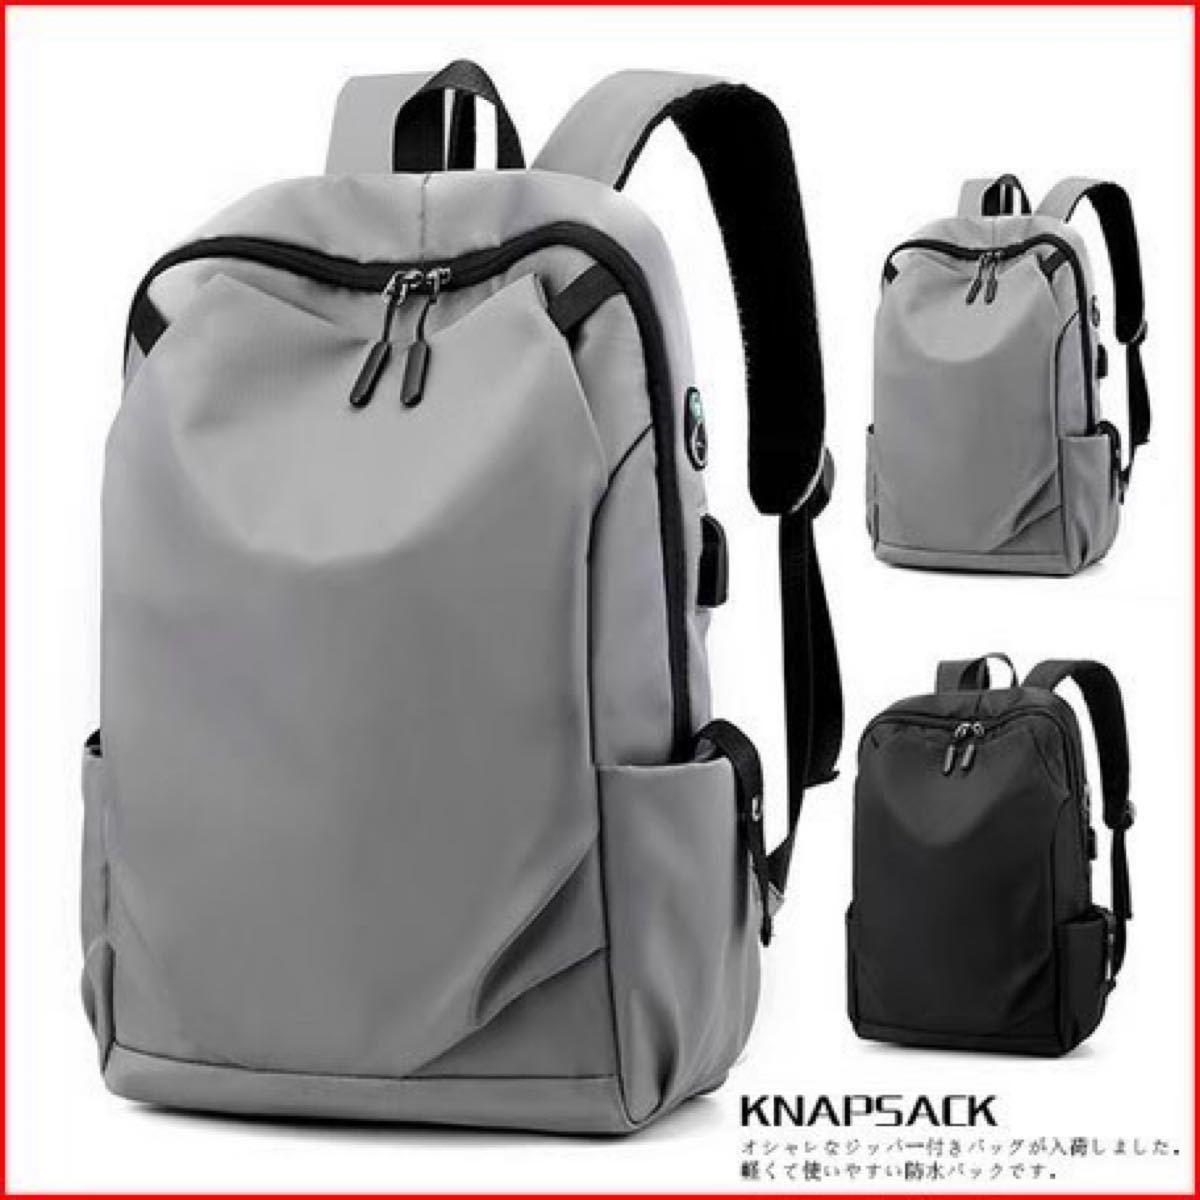 リュック バックパック ビジネス 日常 旅行 通勤 通学 大容量 アウトドア メンズバッグ ビジネスリュック  多機能 男女兼用